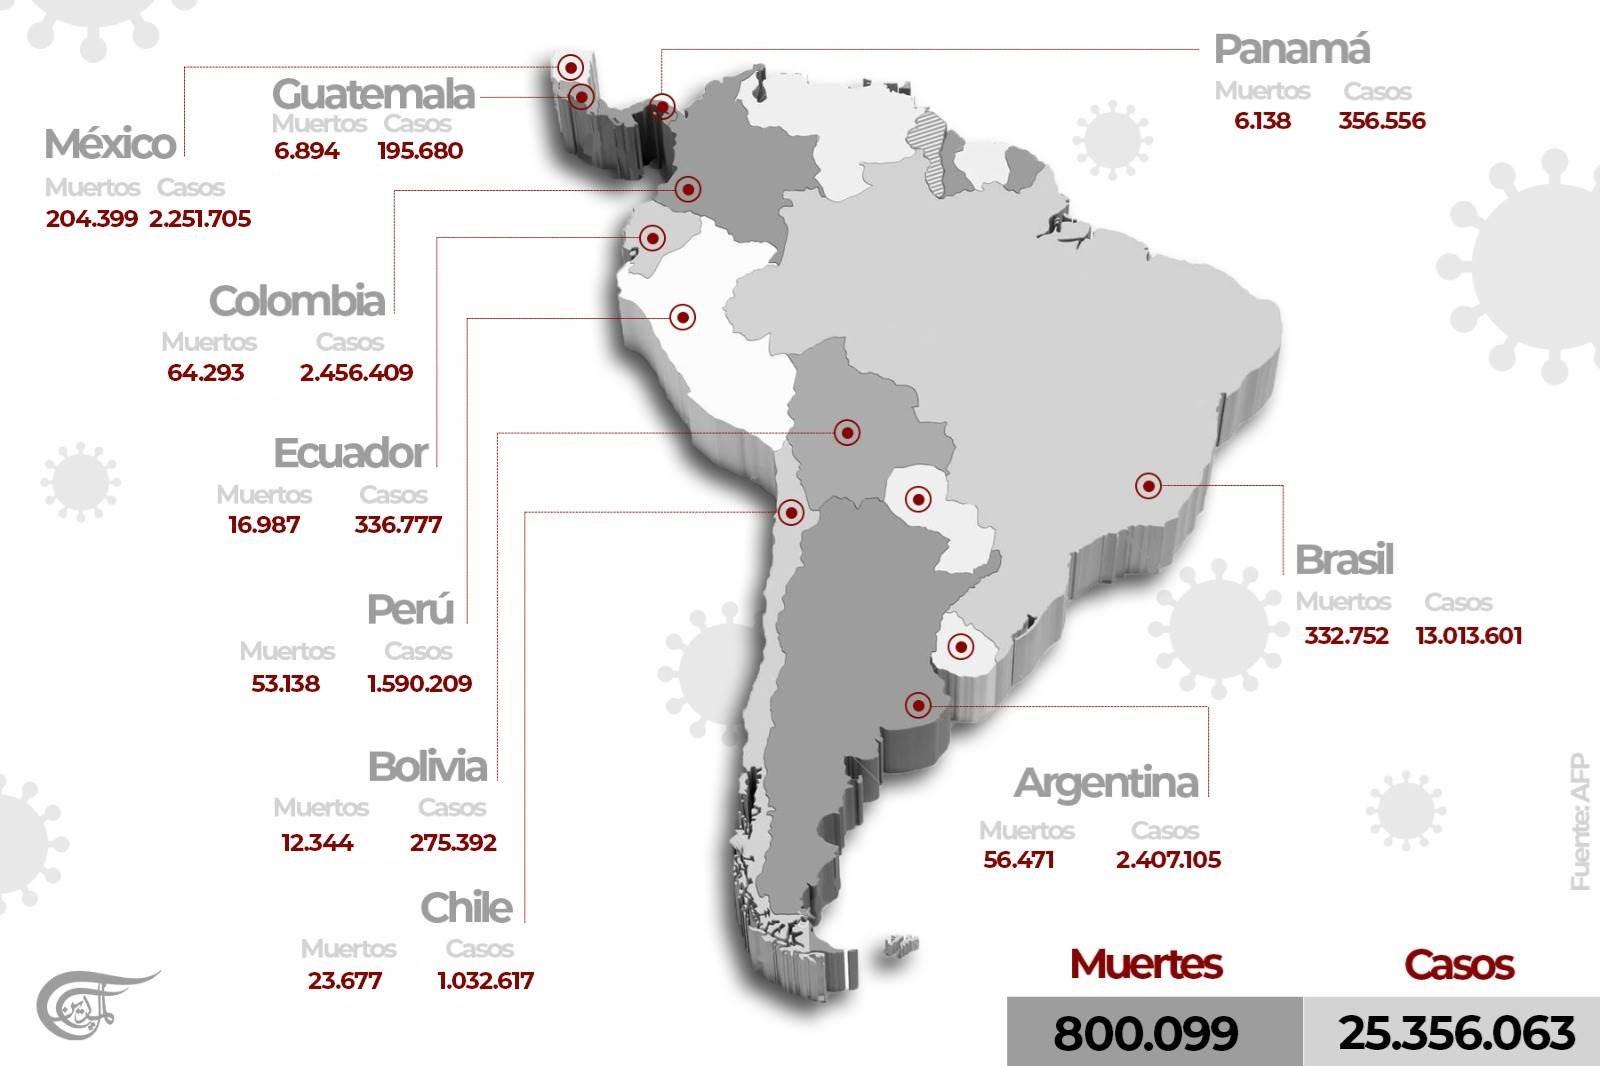 Más de 800 000 muertos por Covid-19 en América Latina y el Caribe. Imagen: Al Mayadeen Español